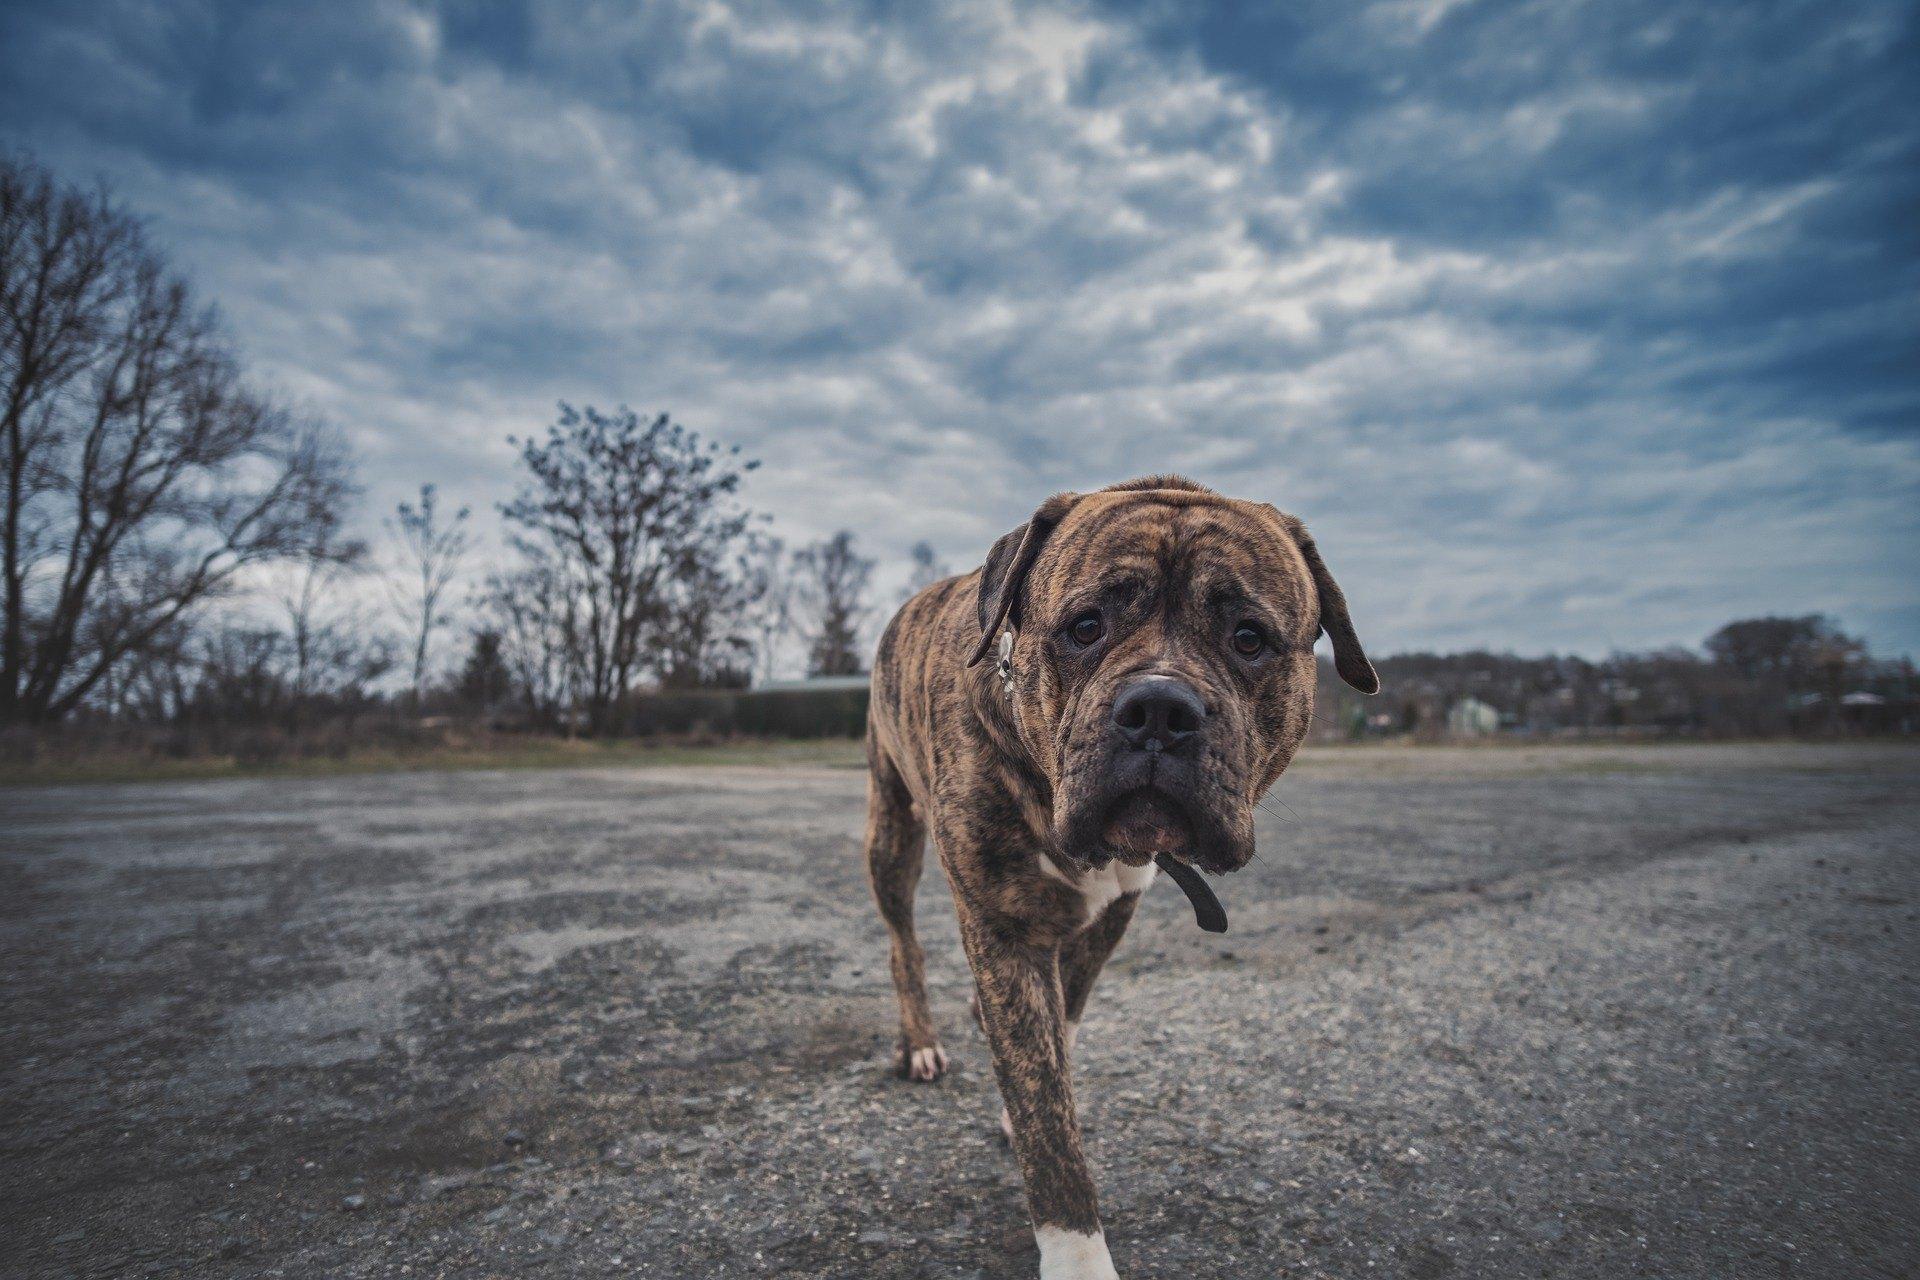 Ein Hotel für Hunde ist eine ideale Lösung, die sich während einer Geschäftsreise oder eines Urlaubs lohnt. Prüfen Sie, wie Sie den perfekten Ort für Ihr Haustier finden.